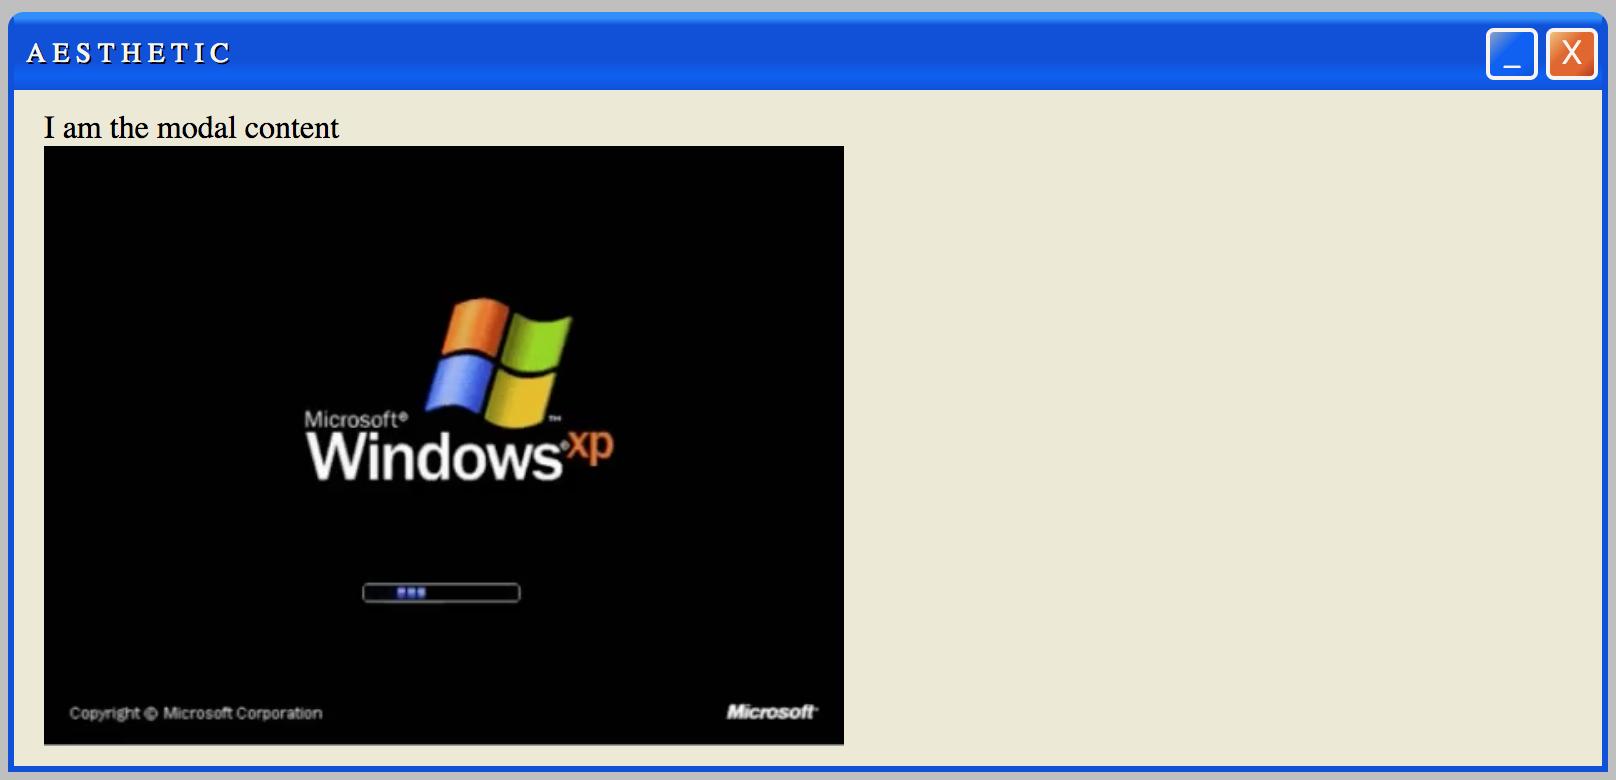 Windows XP Modal Example